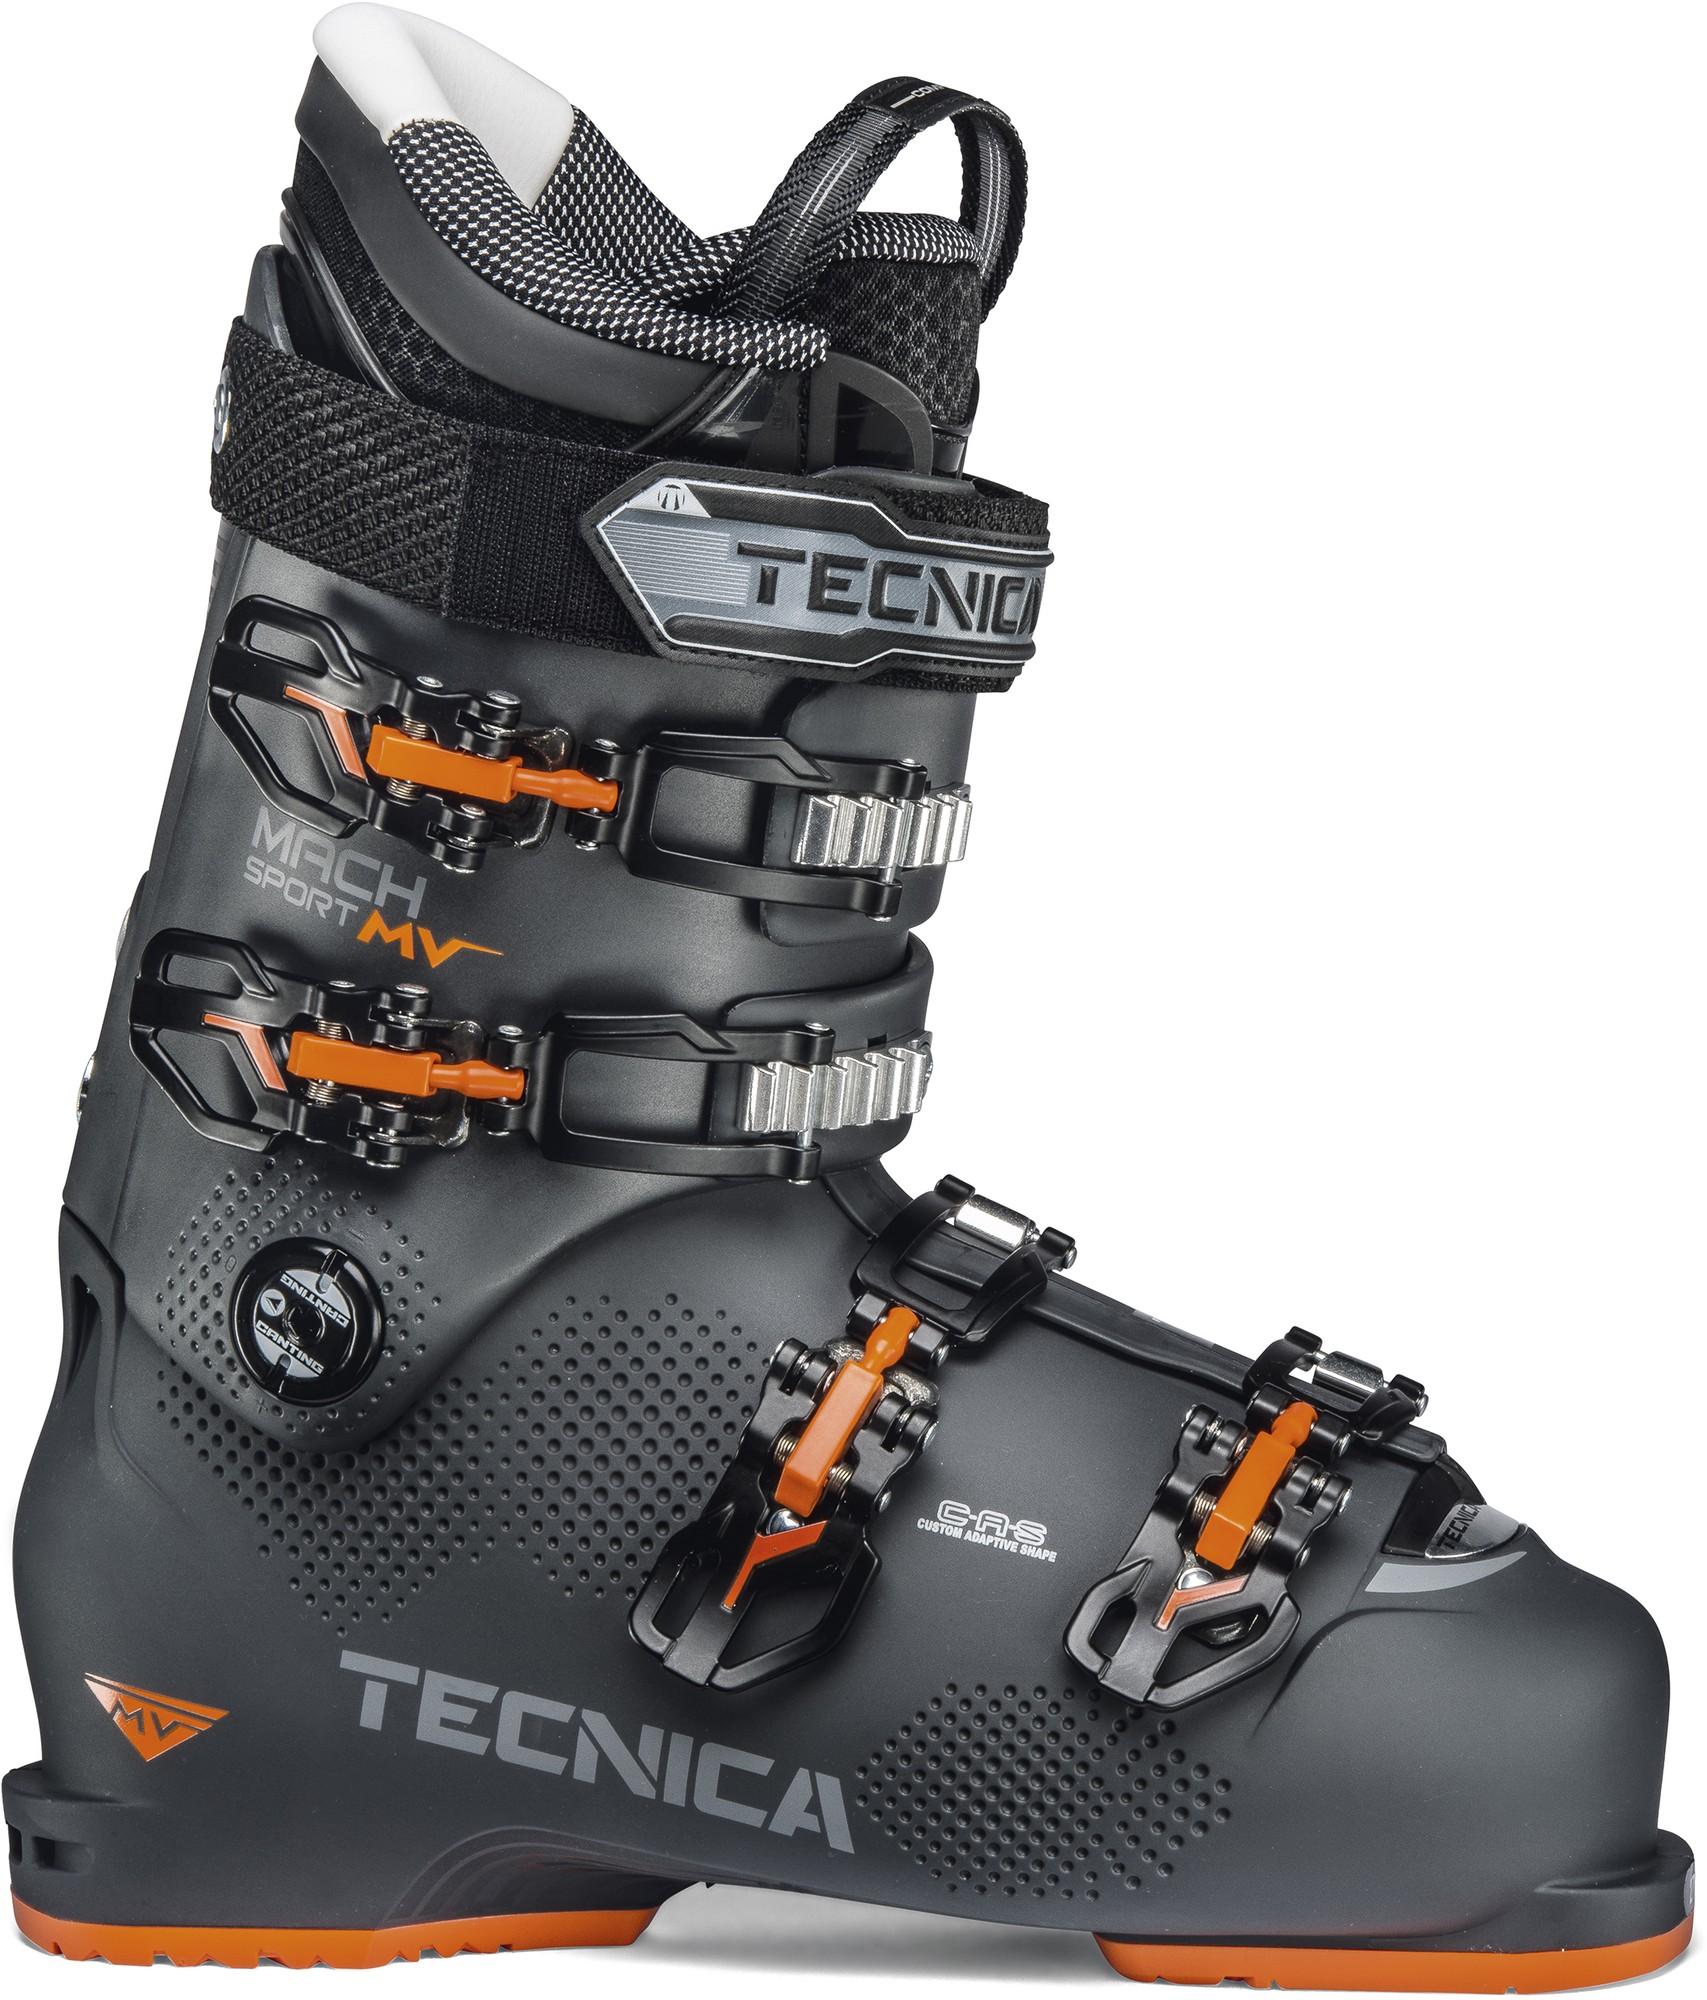 Tecnica Ботинки горнолыжные MACH SPORT MV 90, размер 30 см